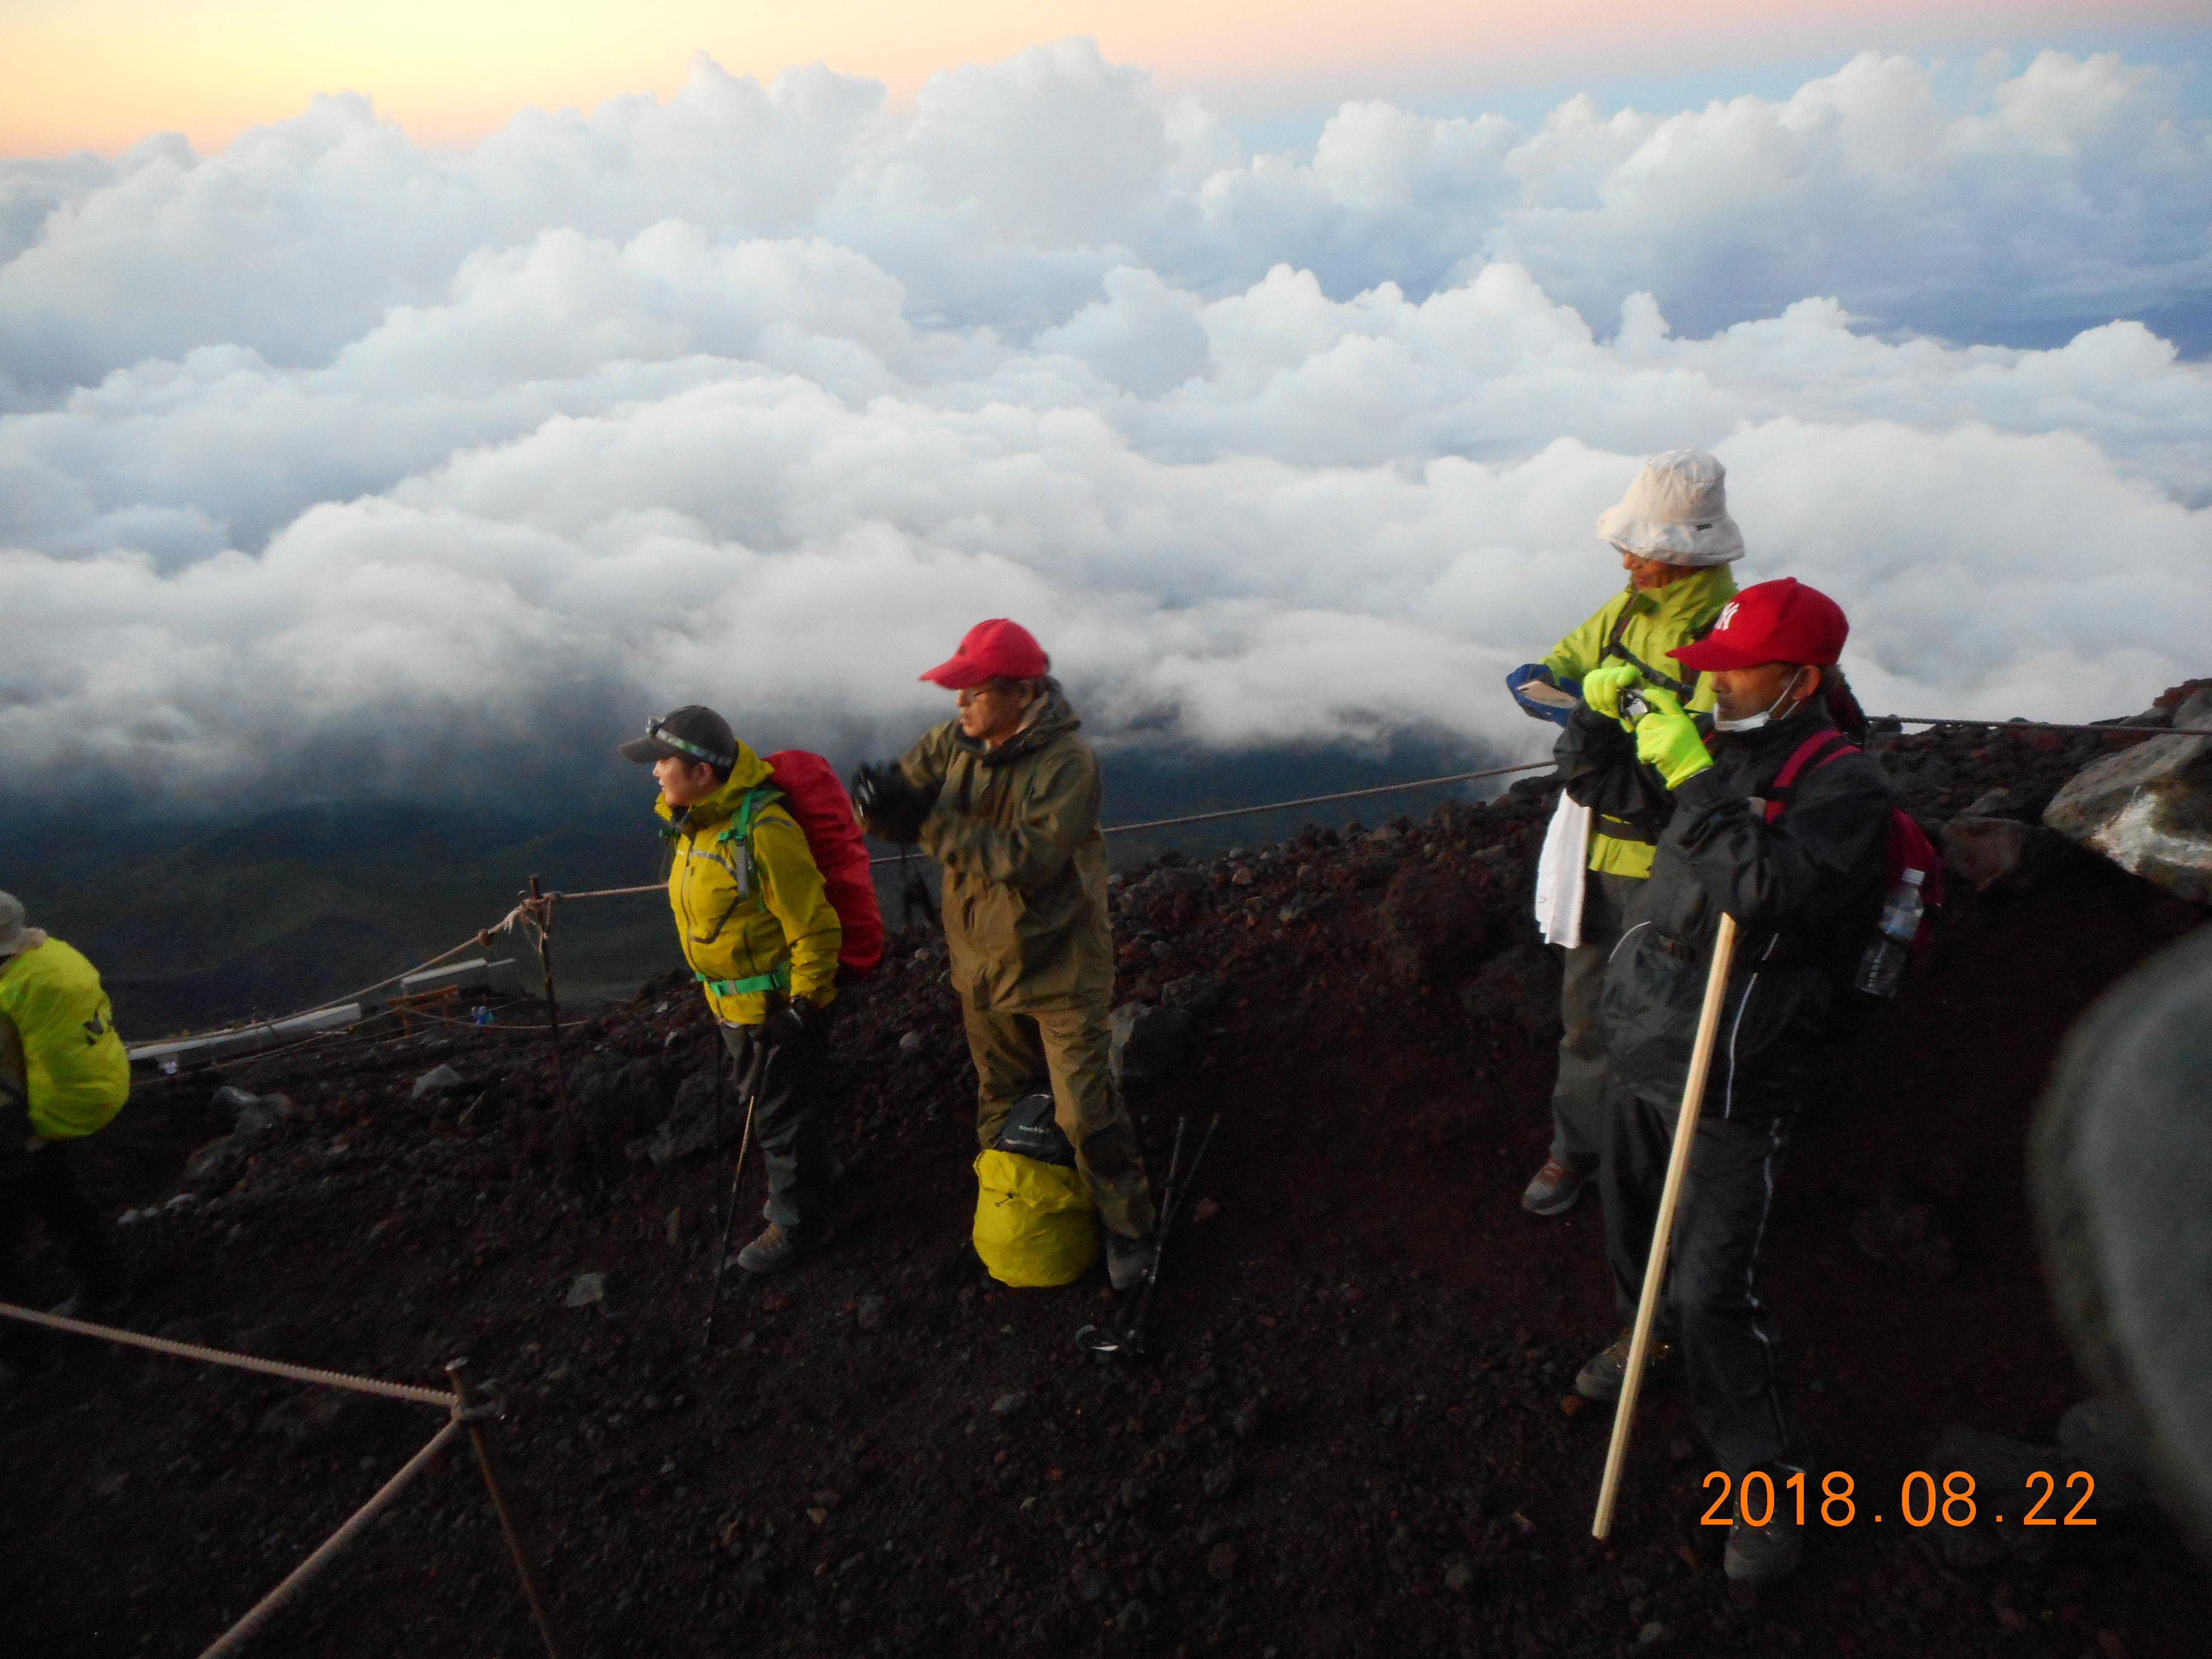 夢のハンカチ、富士山へ無事到達。